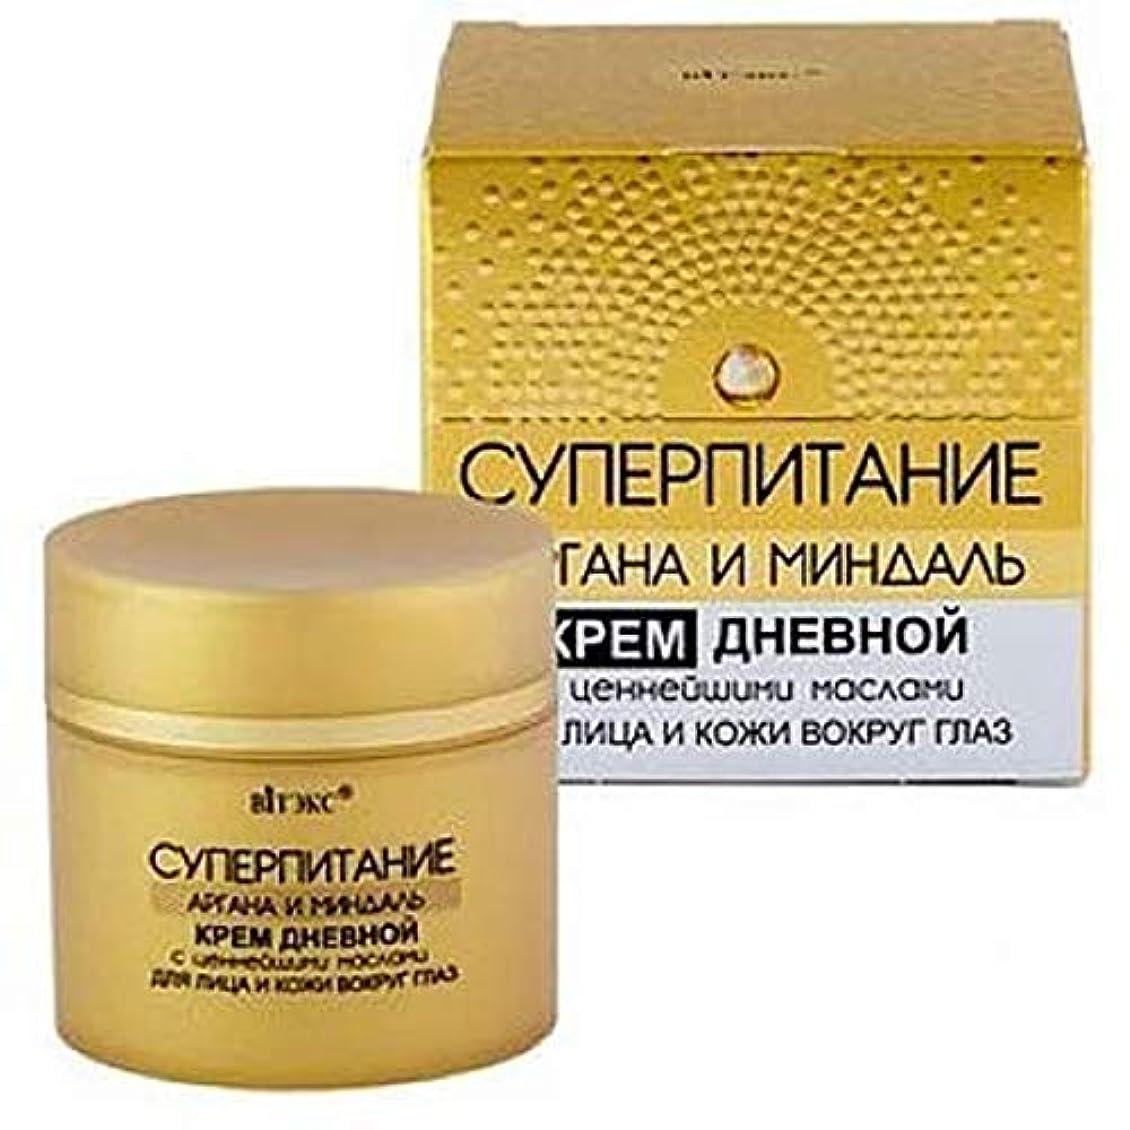 カテナ参照半径Day cream with the most valuable oils for the face and skin around the eyes | Argan and Almond | Nutrition | Actively...